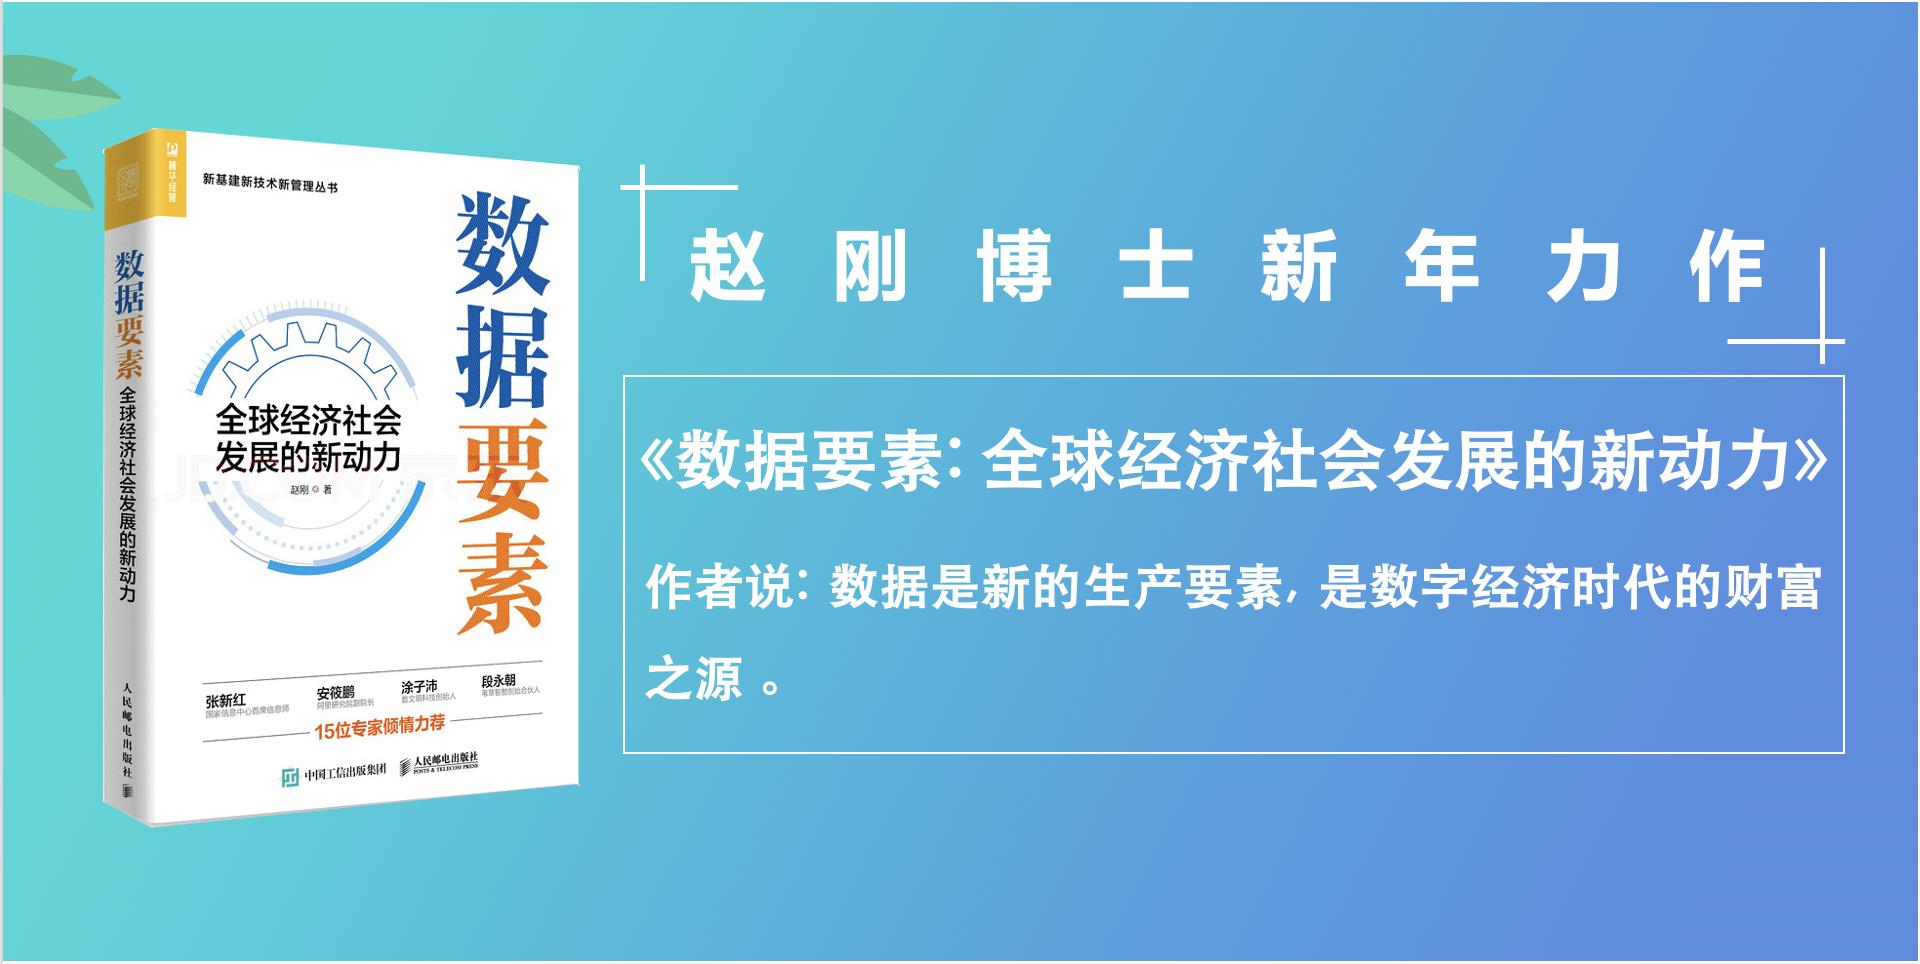 赵刚博士新年力作《数据要素:全球经济社会发展的新动力》